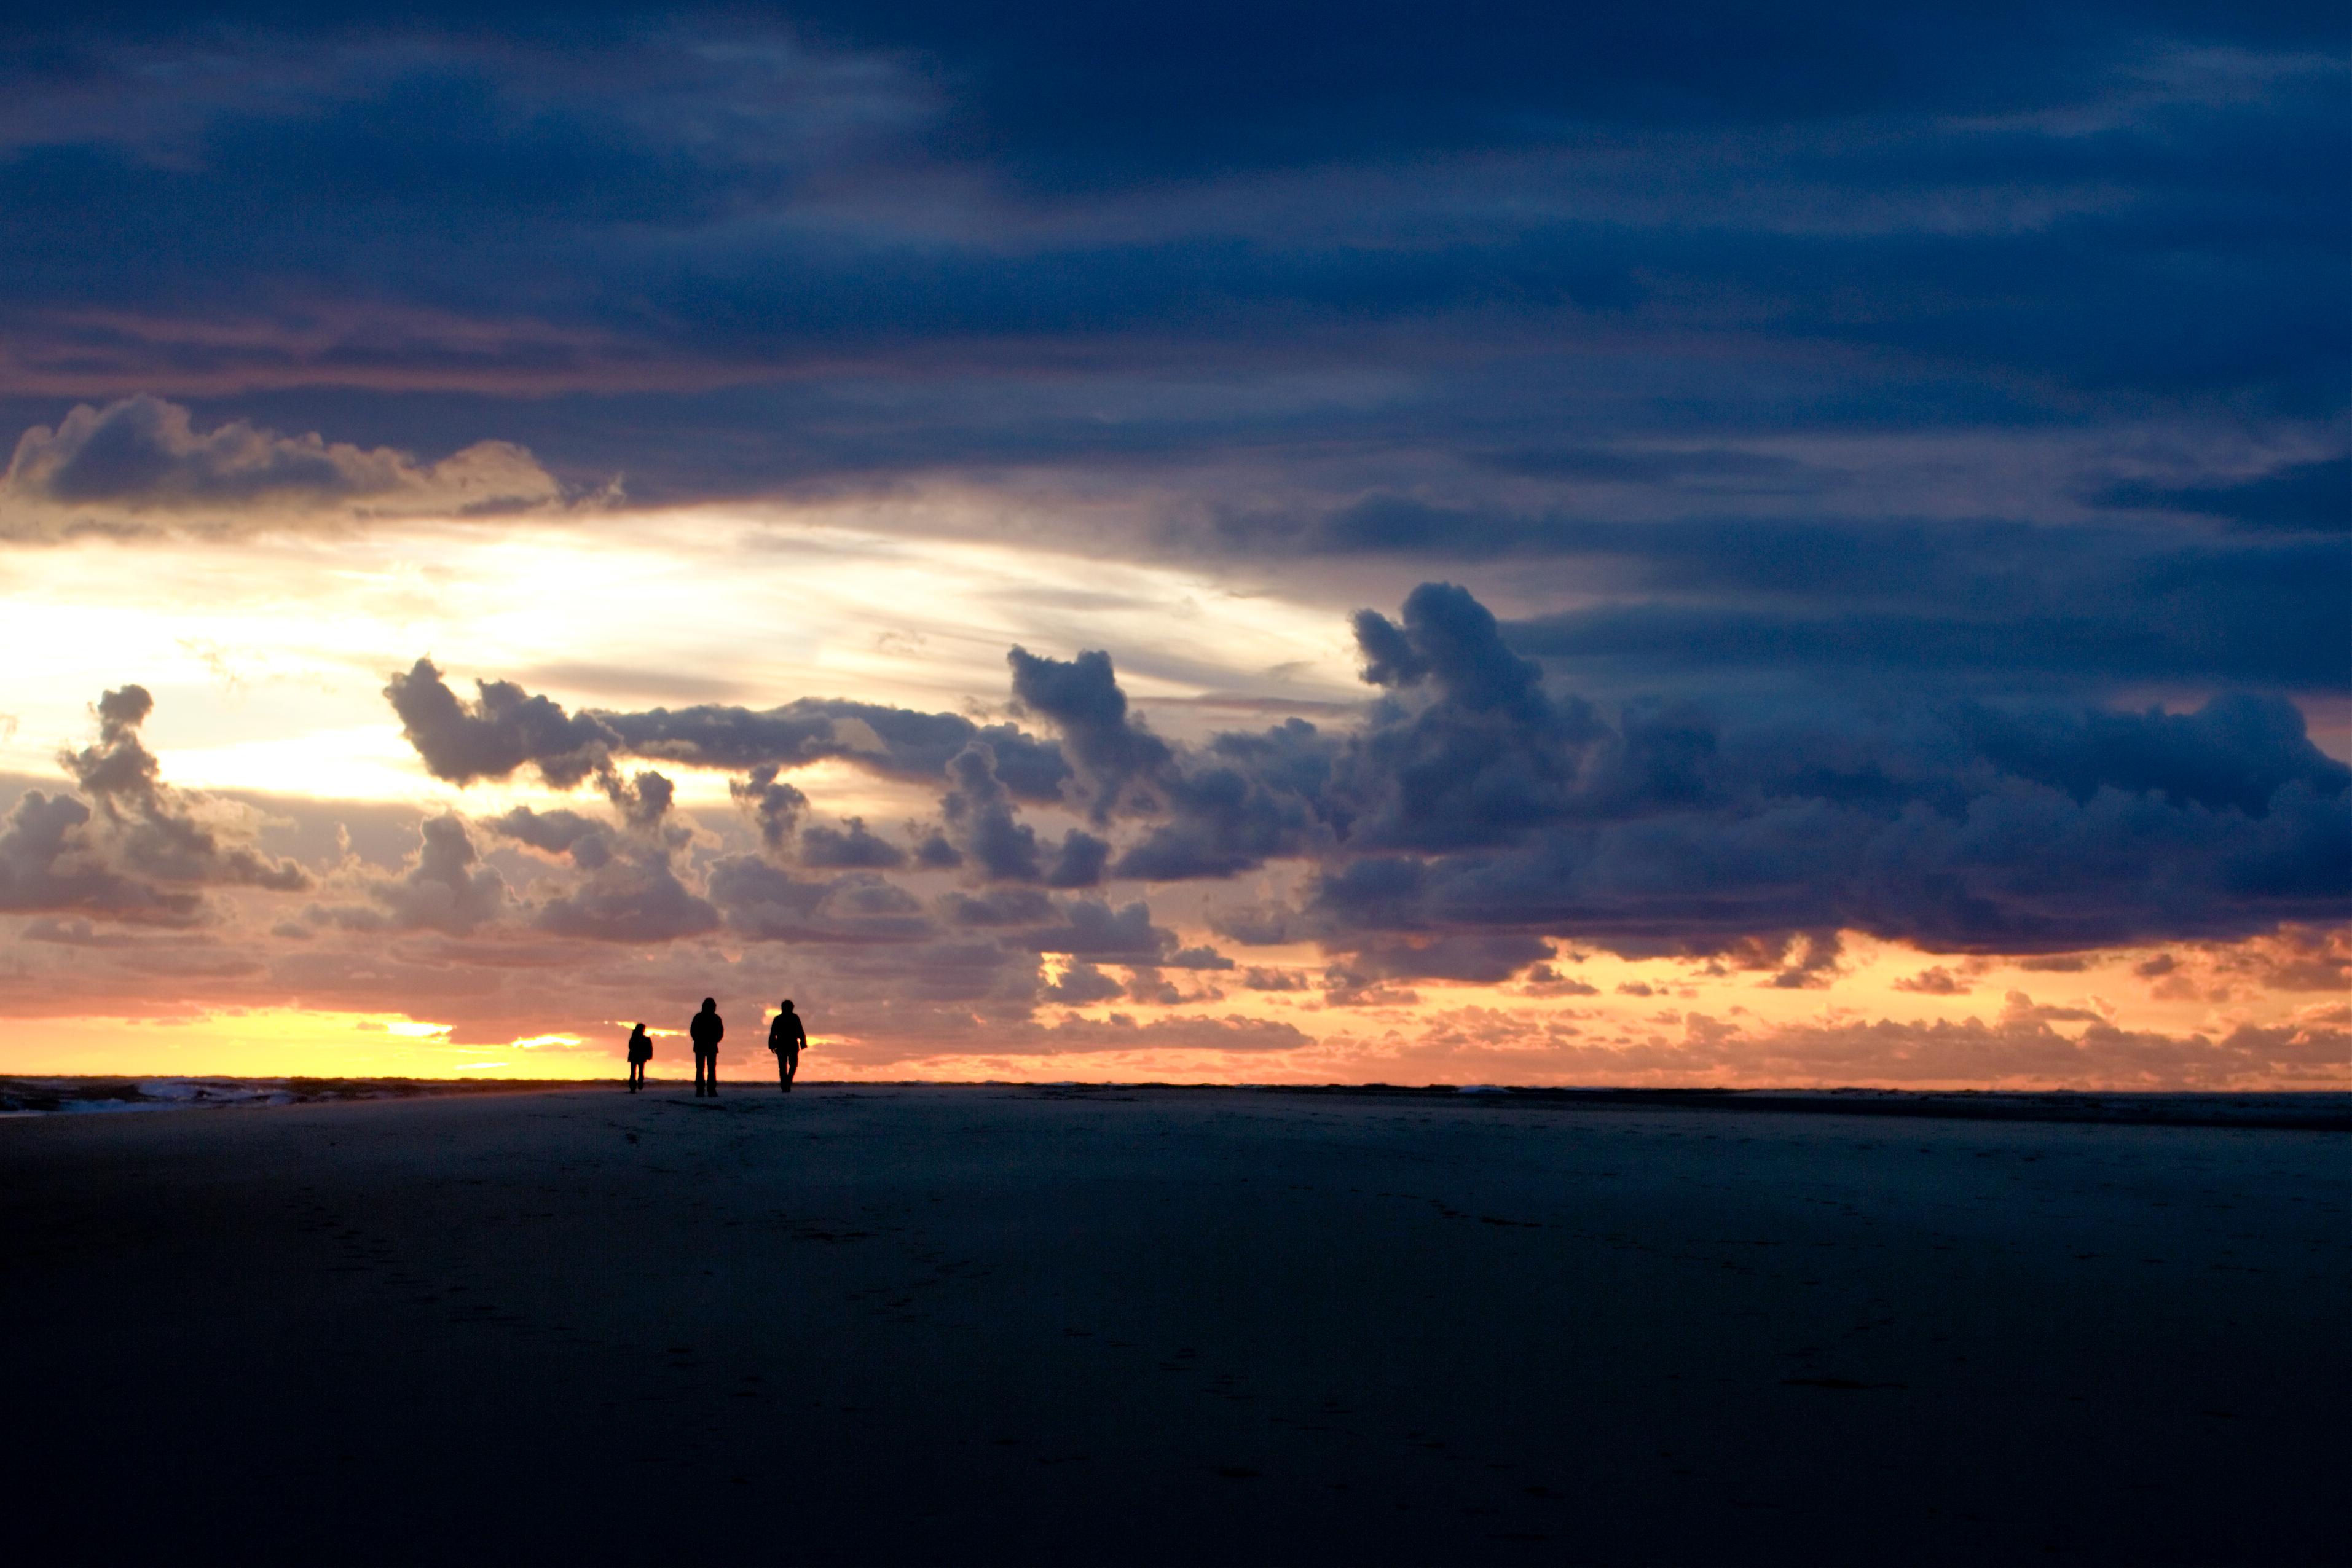 132006壁紙のダウンロード自然, シルエット, 地平線, 日没, 雲, サンジャンキャップフェラ, サン・ジャン・キャップ・フェッラ, フランス-スクリーンセーバーと写真を無料で